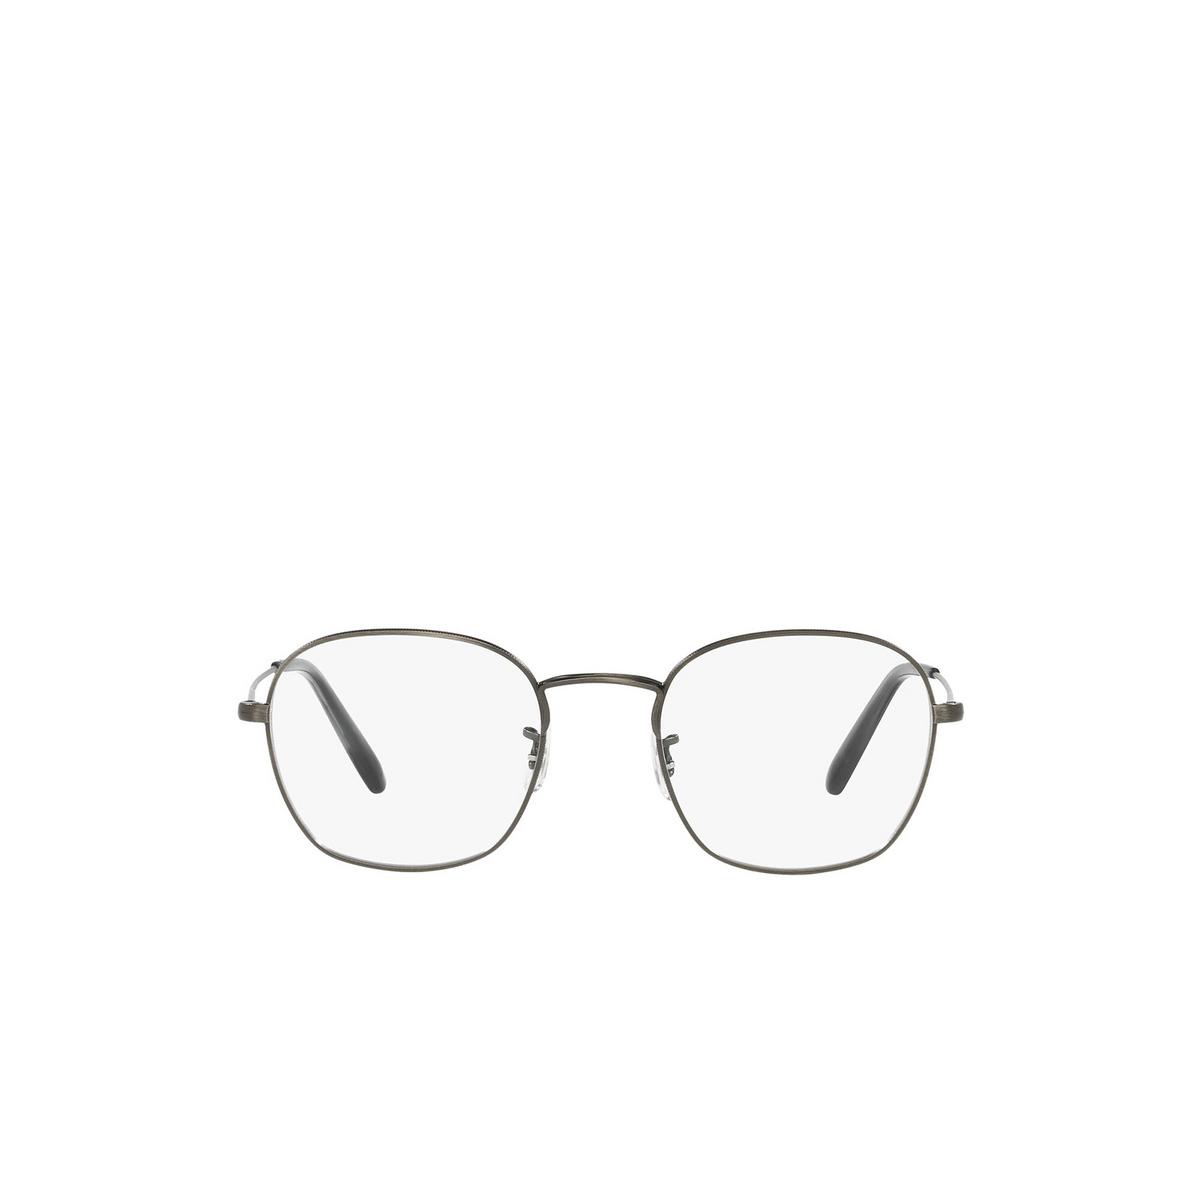 Oliver Peoples® Round Eyeglasses: Allinger OV1284 color Antique Pewter 5289 - front view.